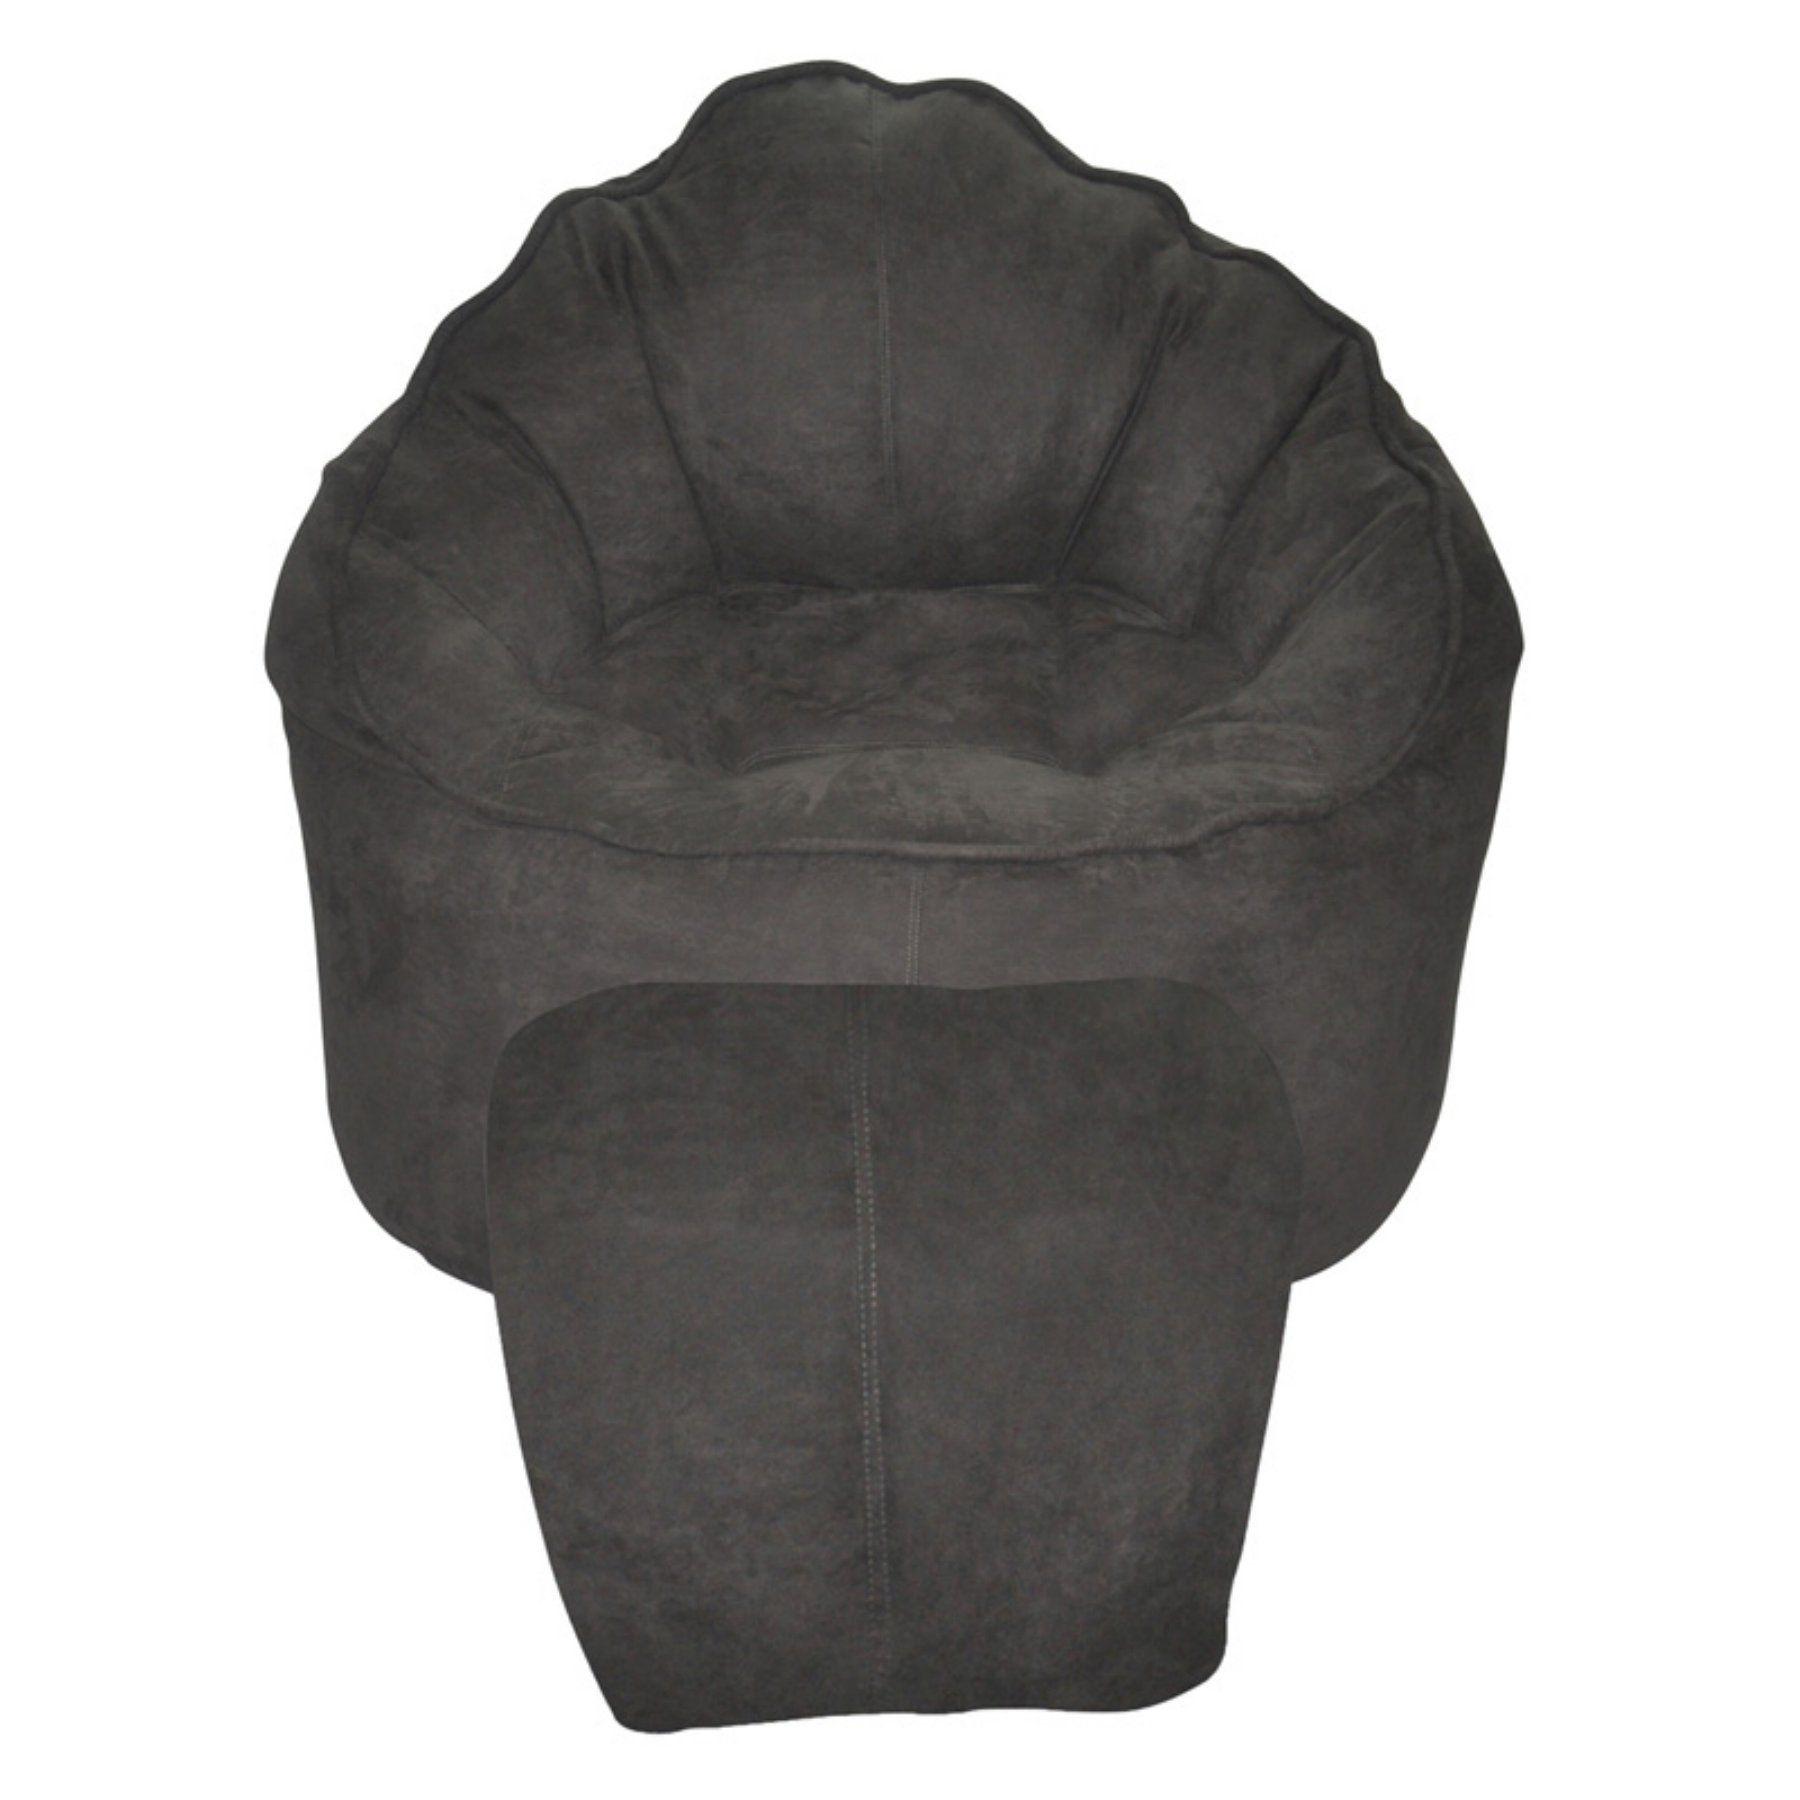 Modern Bean Bag The Giant Pod Microfiber Bean Bag Chair